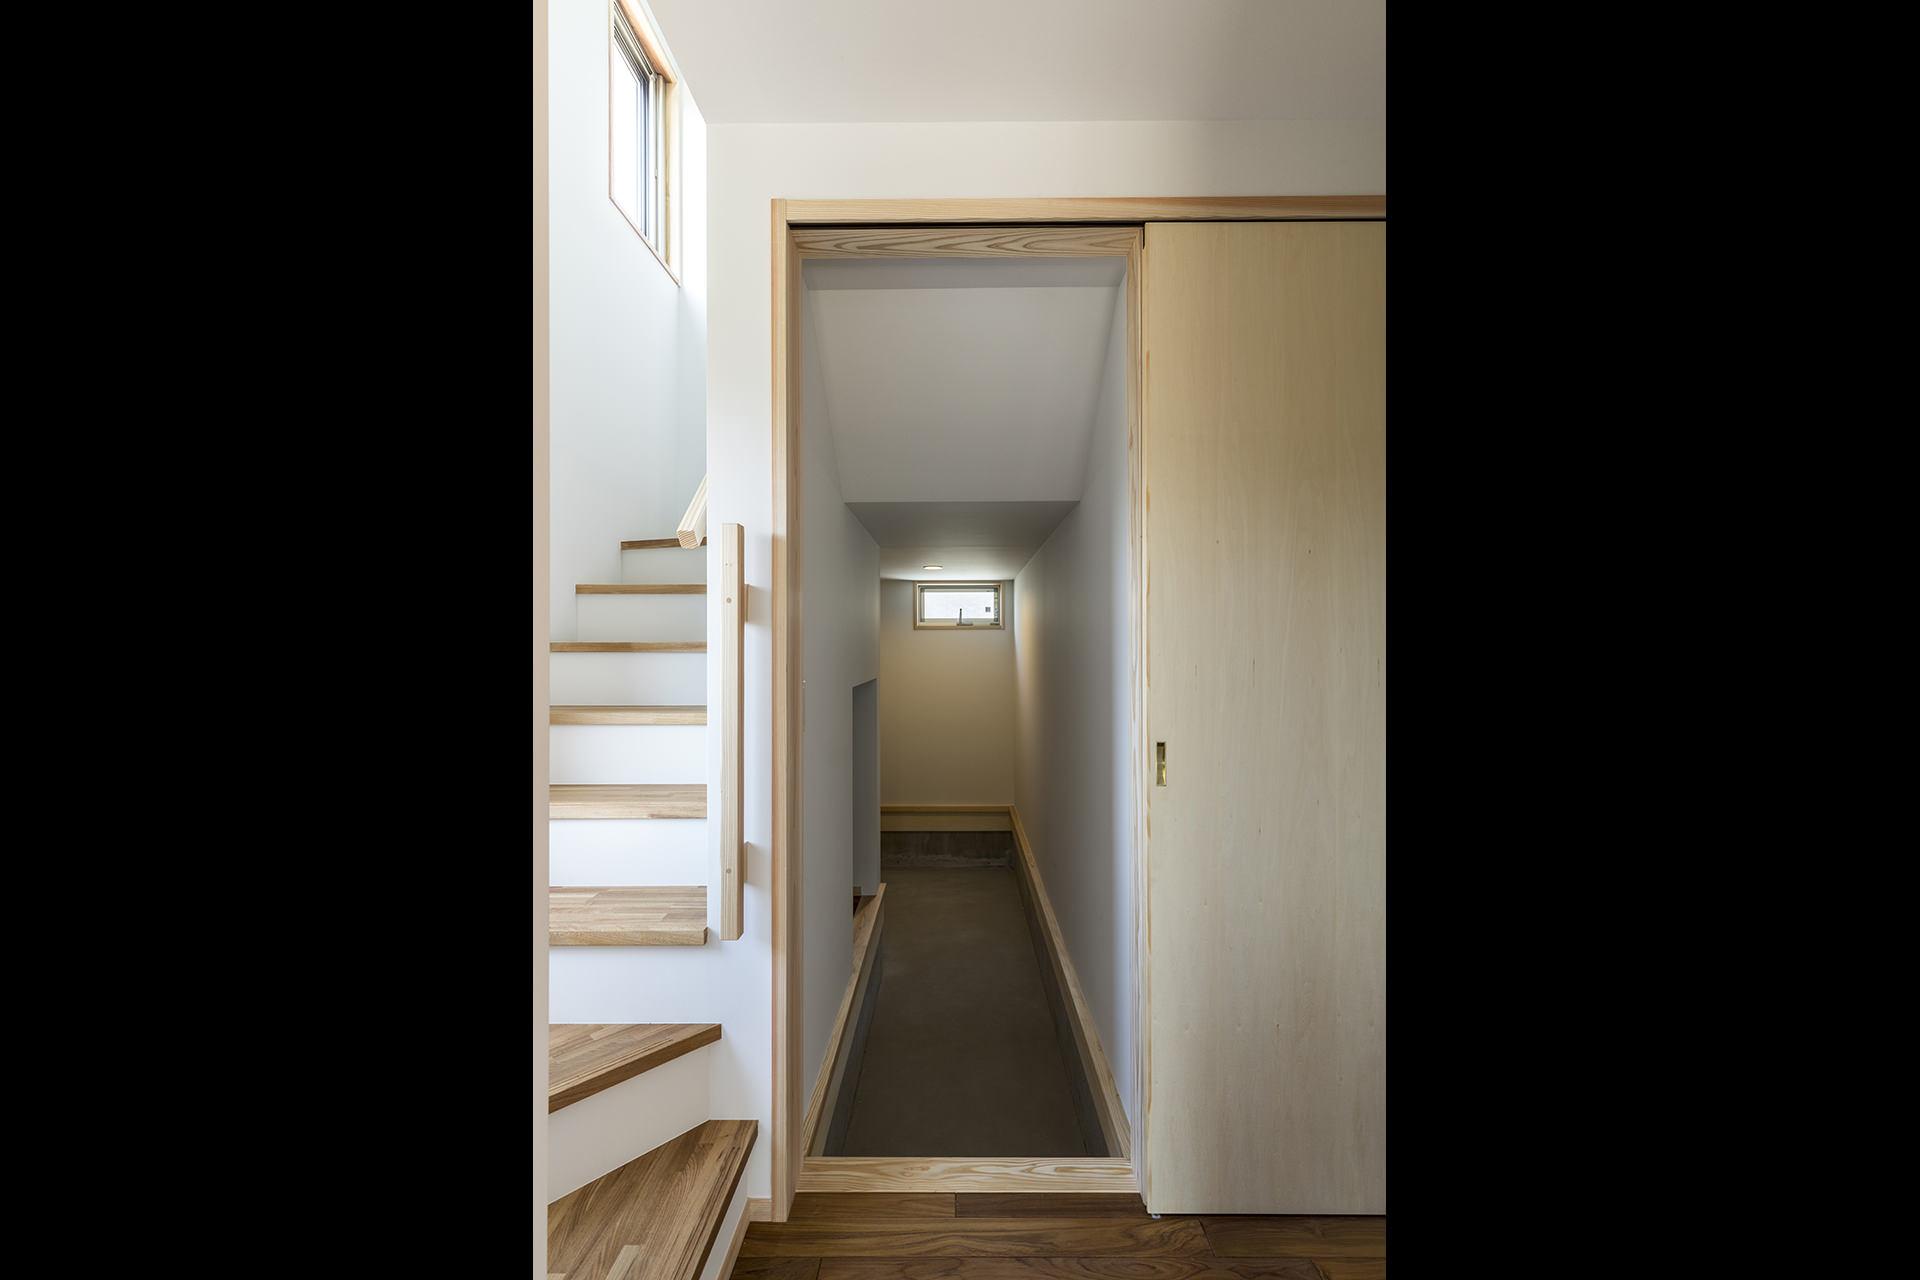 鶴川の家 Ⅳ イメージ8 撮影:東涌写真事務所・東涌宏和